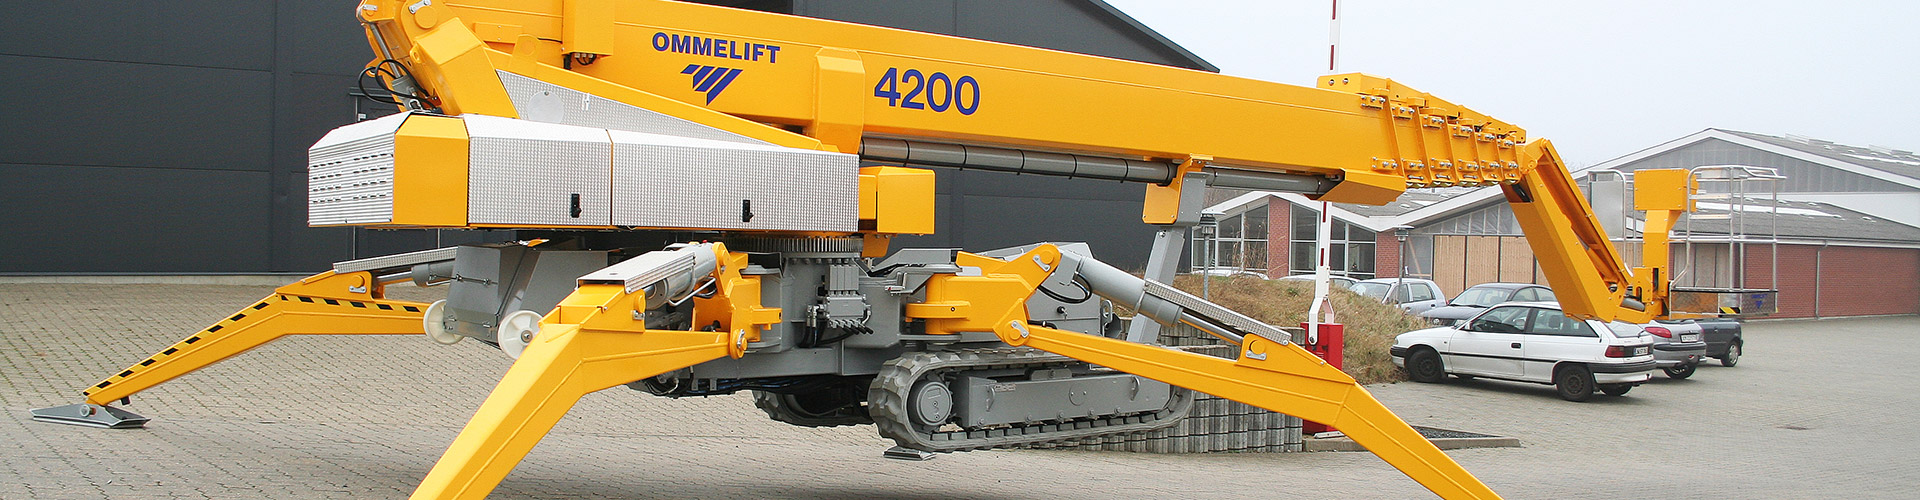 OMMELIFT Crawler Lift 4200 RJ